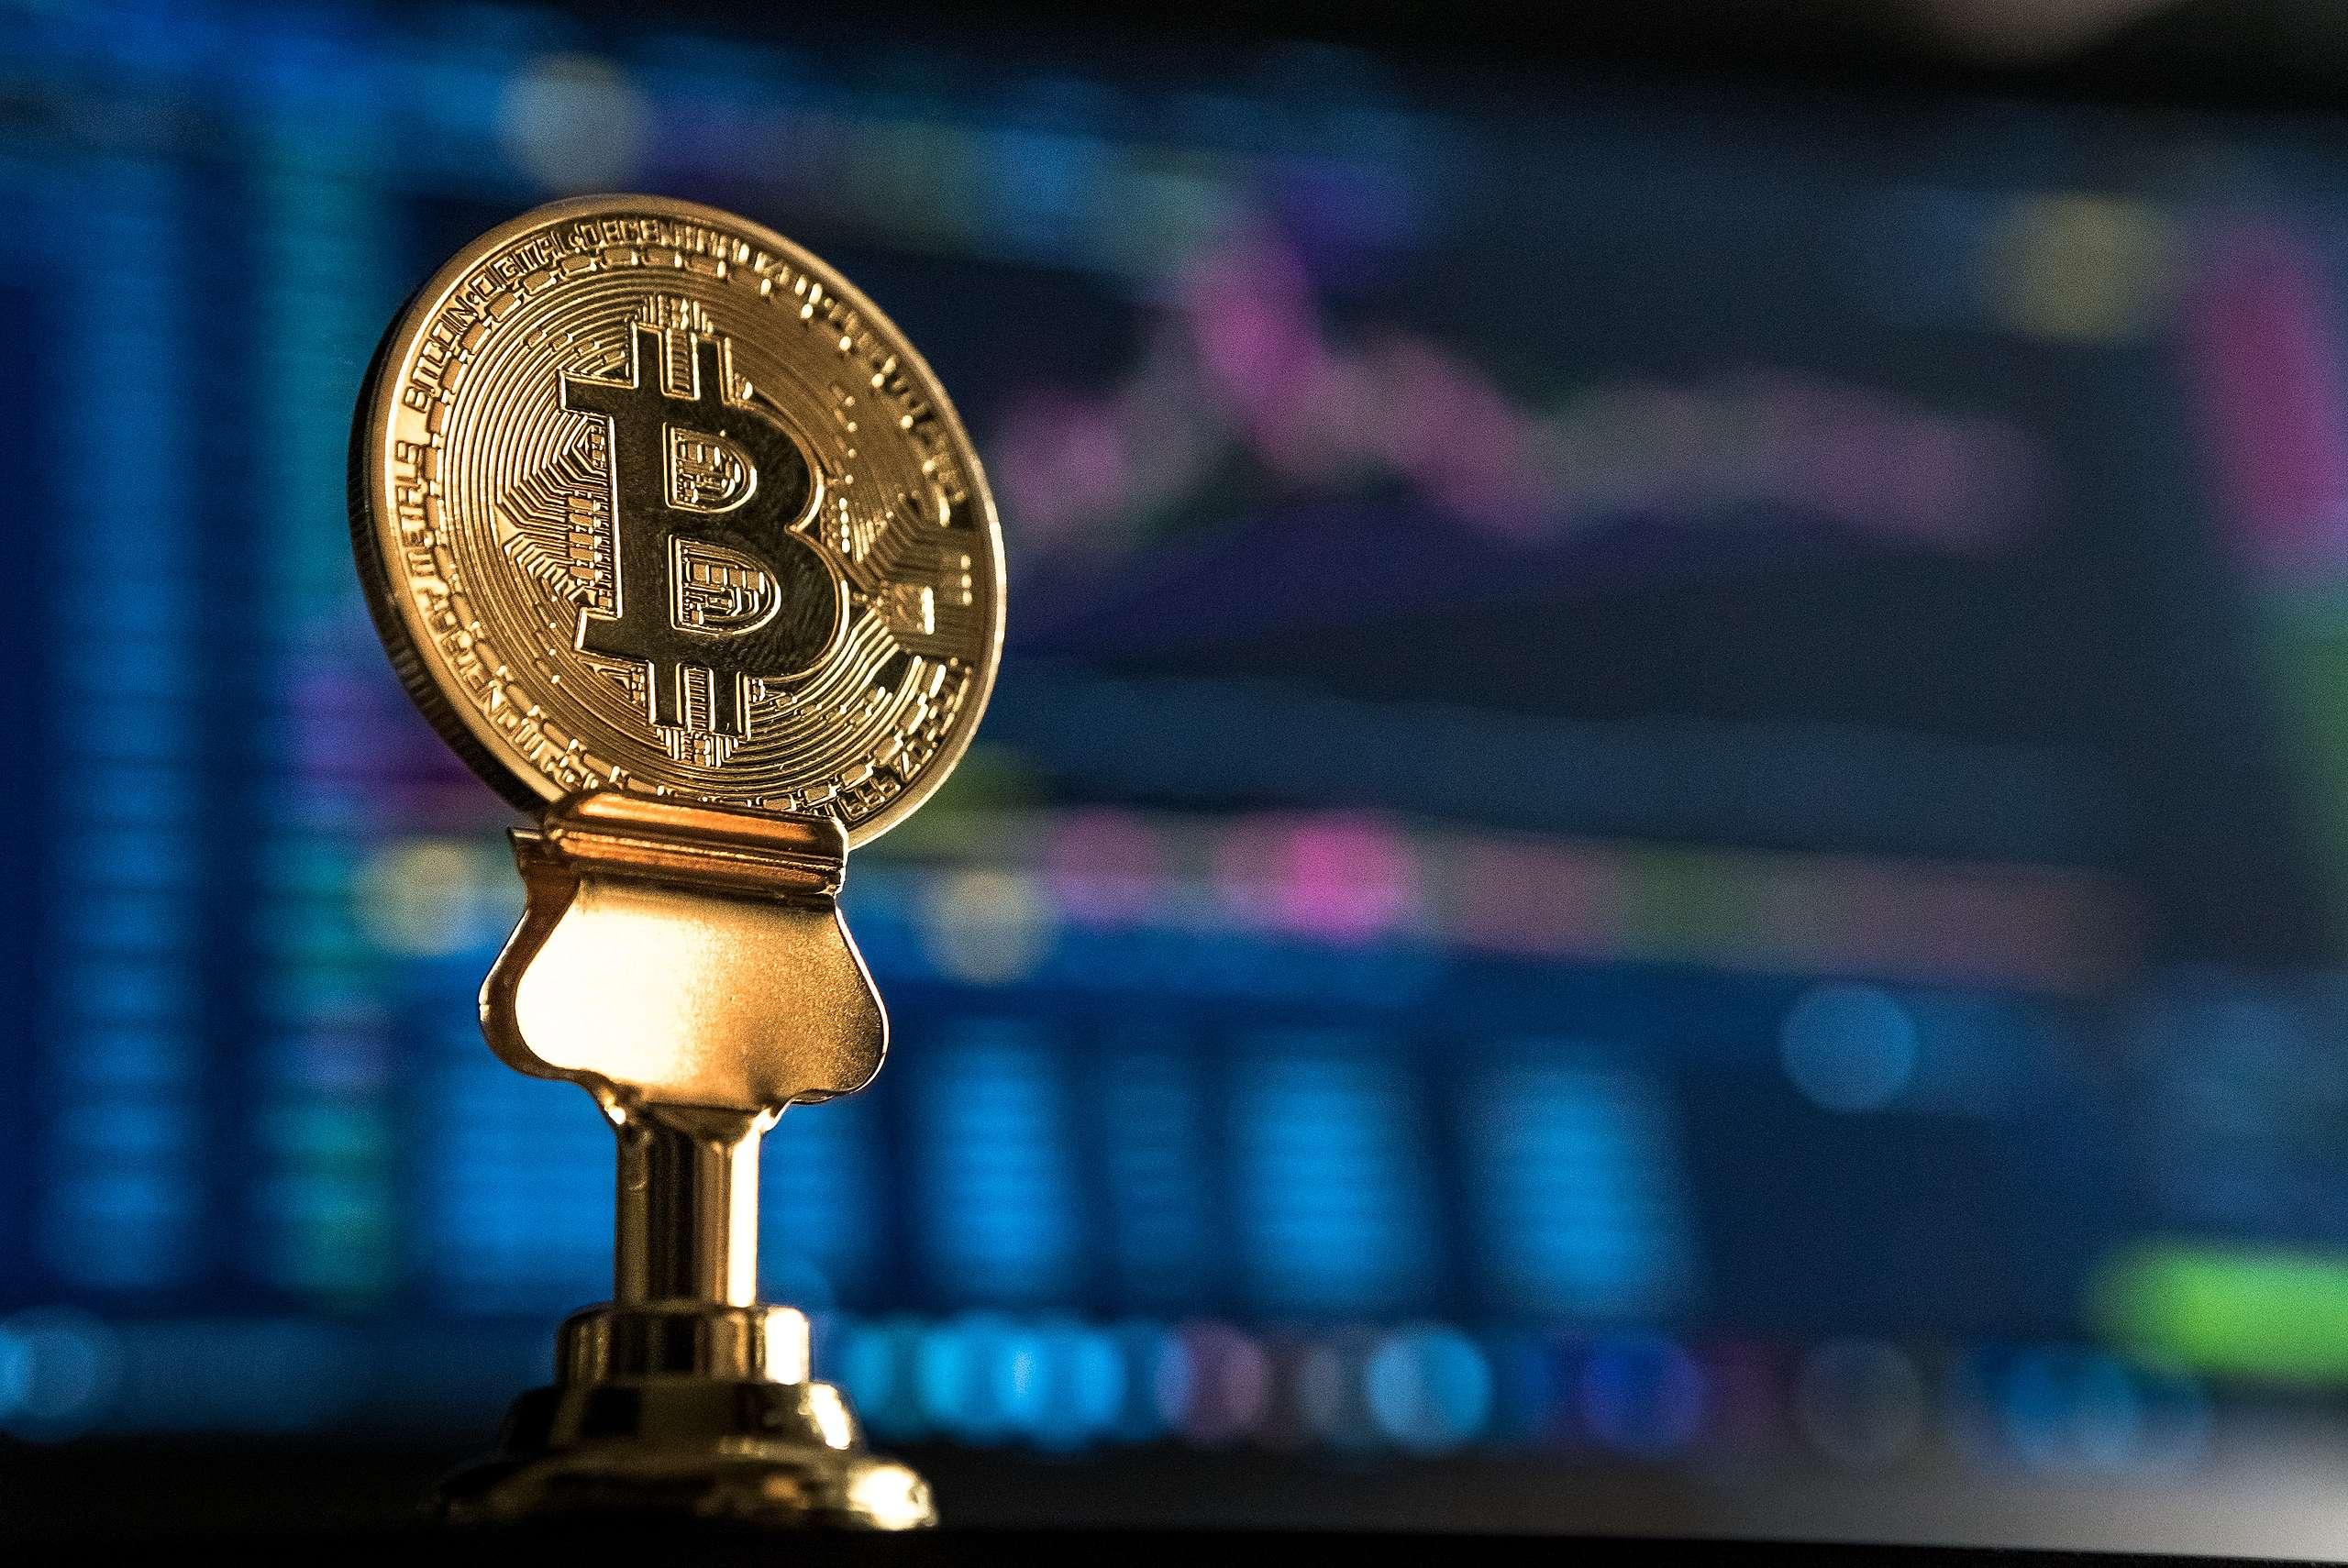 比特幣是現今價值最高的加密虛擬貨幣之一,在全球狂熱於挖礦之下,引發環境與氣候問題。